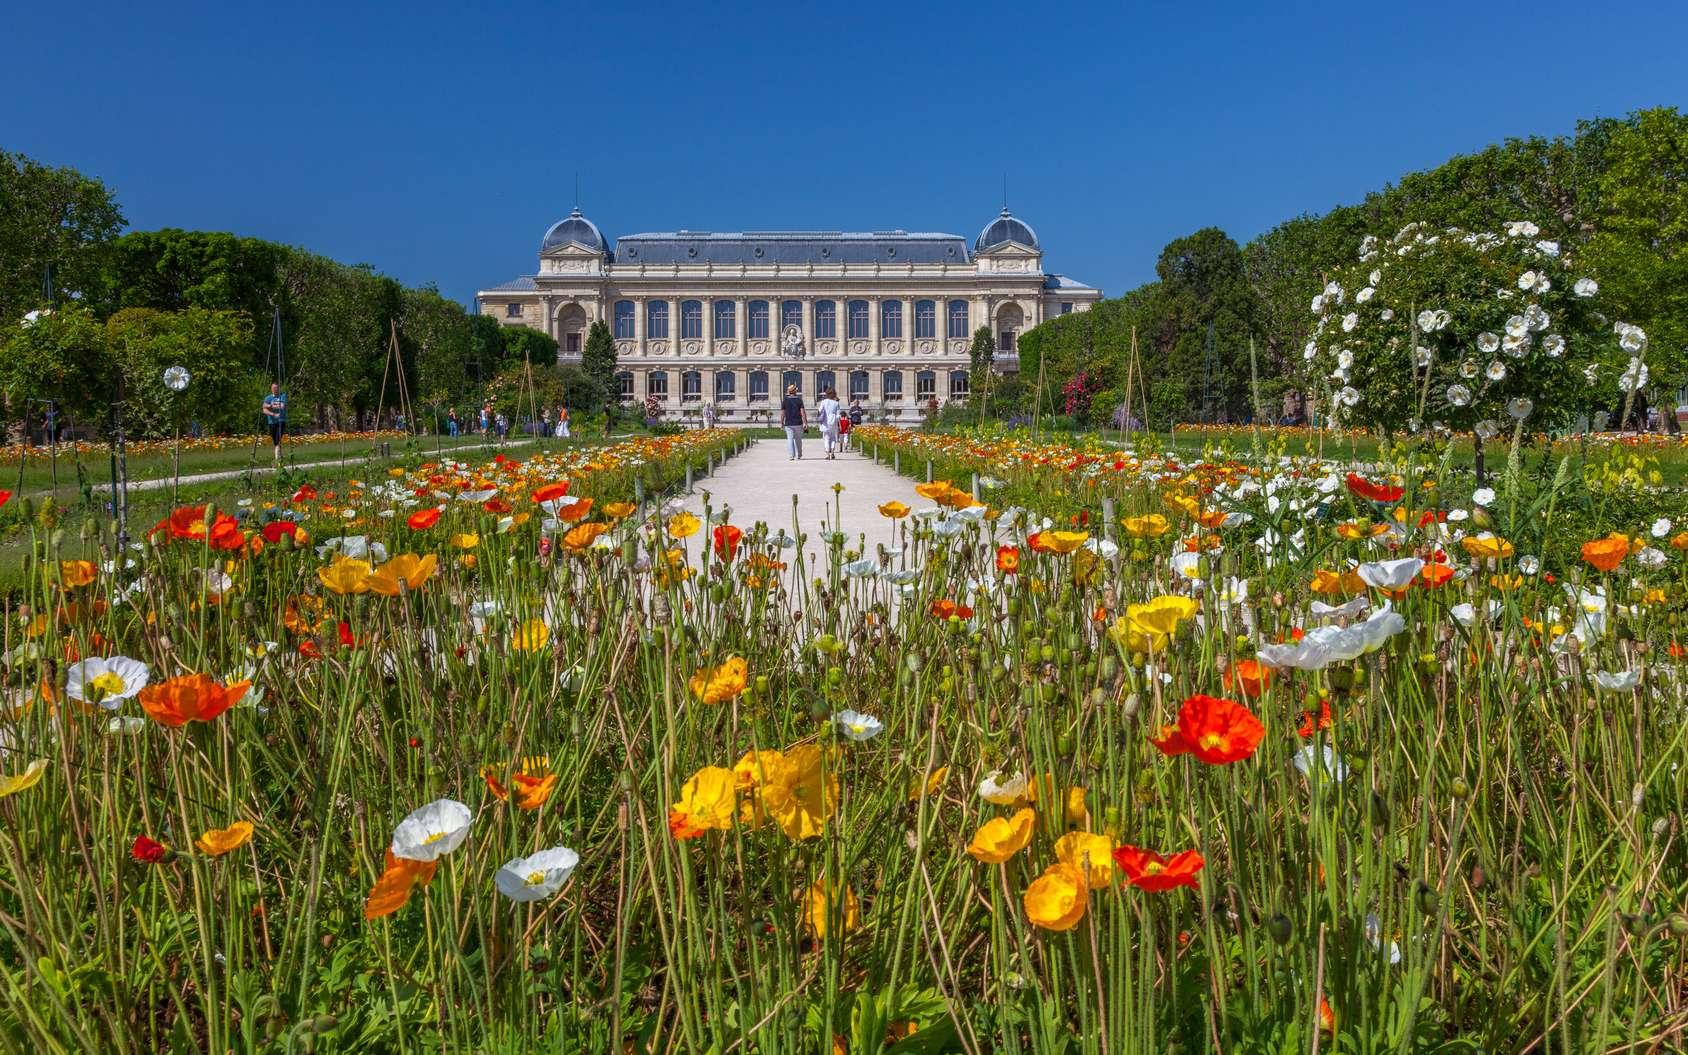 D'une superficie de 23,5 hectares, le jardin des plantes de Paris présente une grande variété de plantes. © Pierre Violet, fotolia